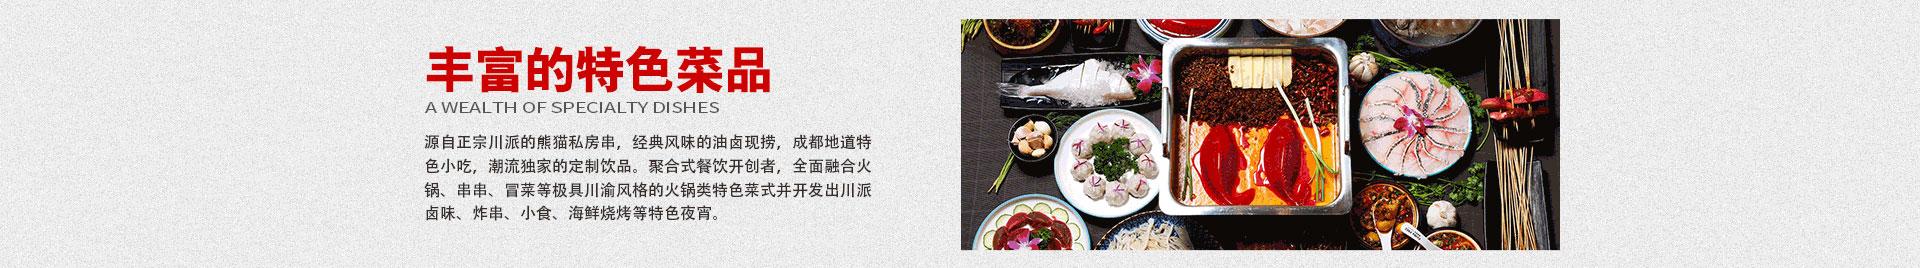 熊貓有空火鍋串串xmyk_09